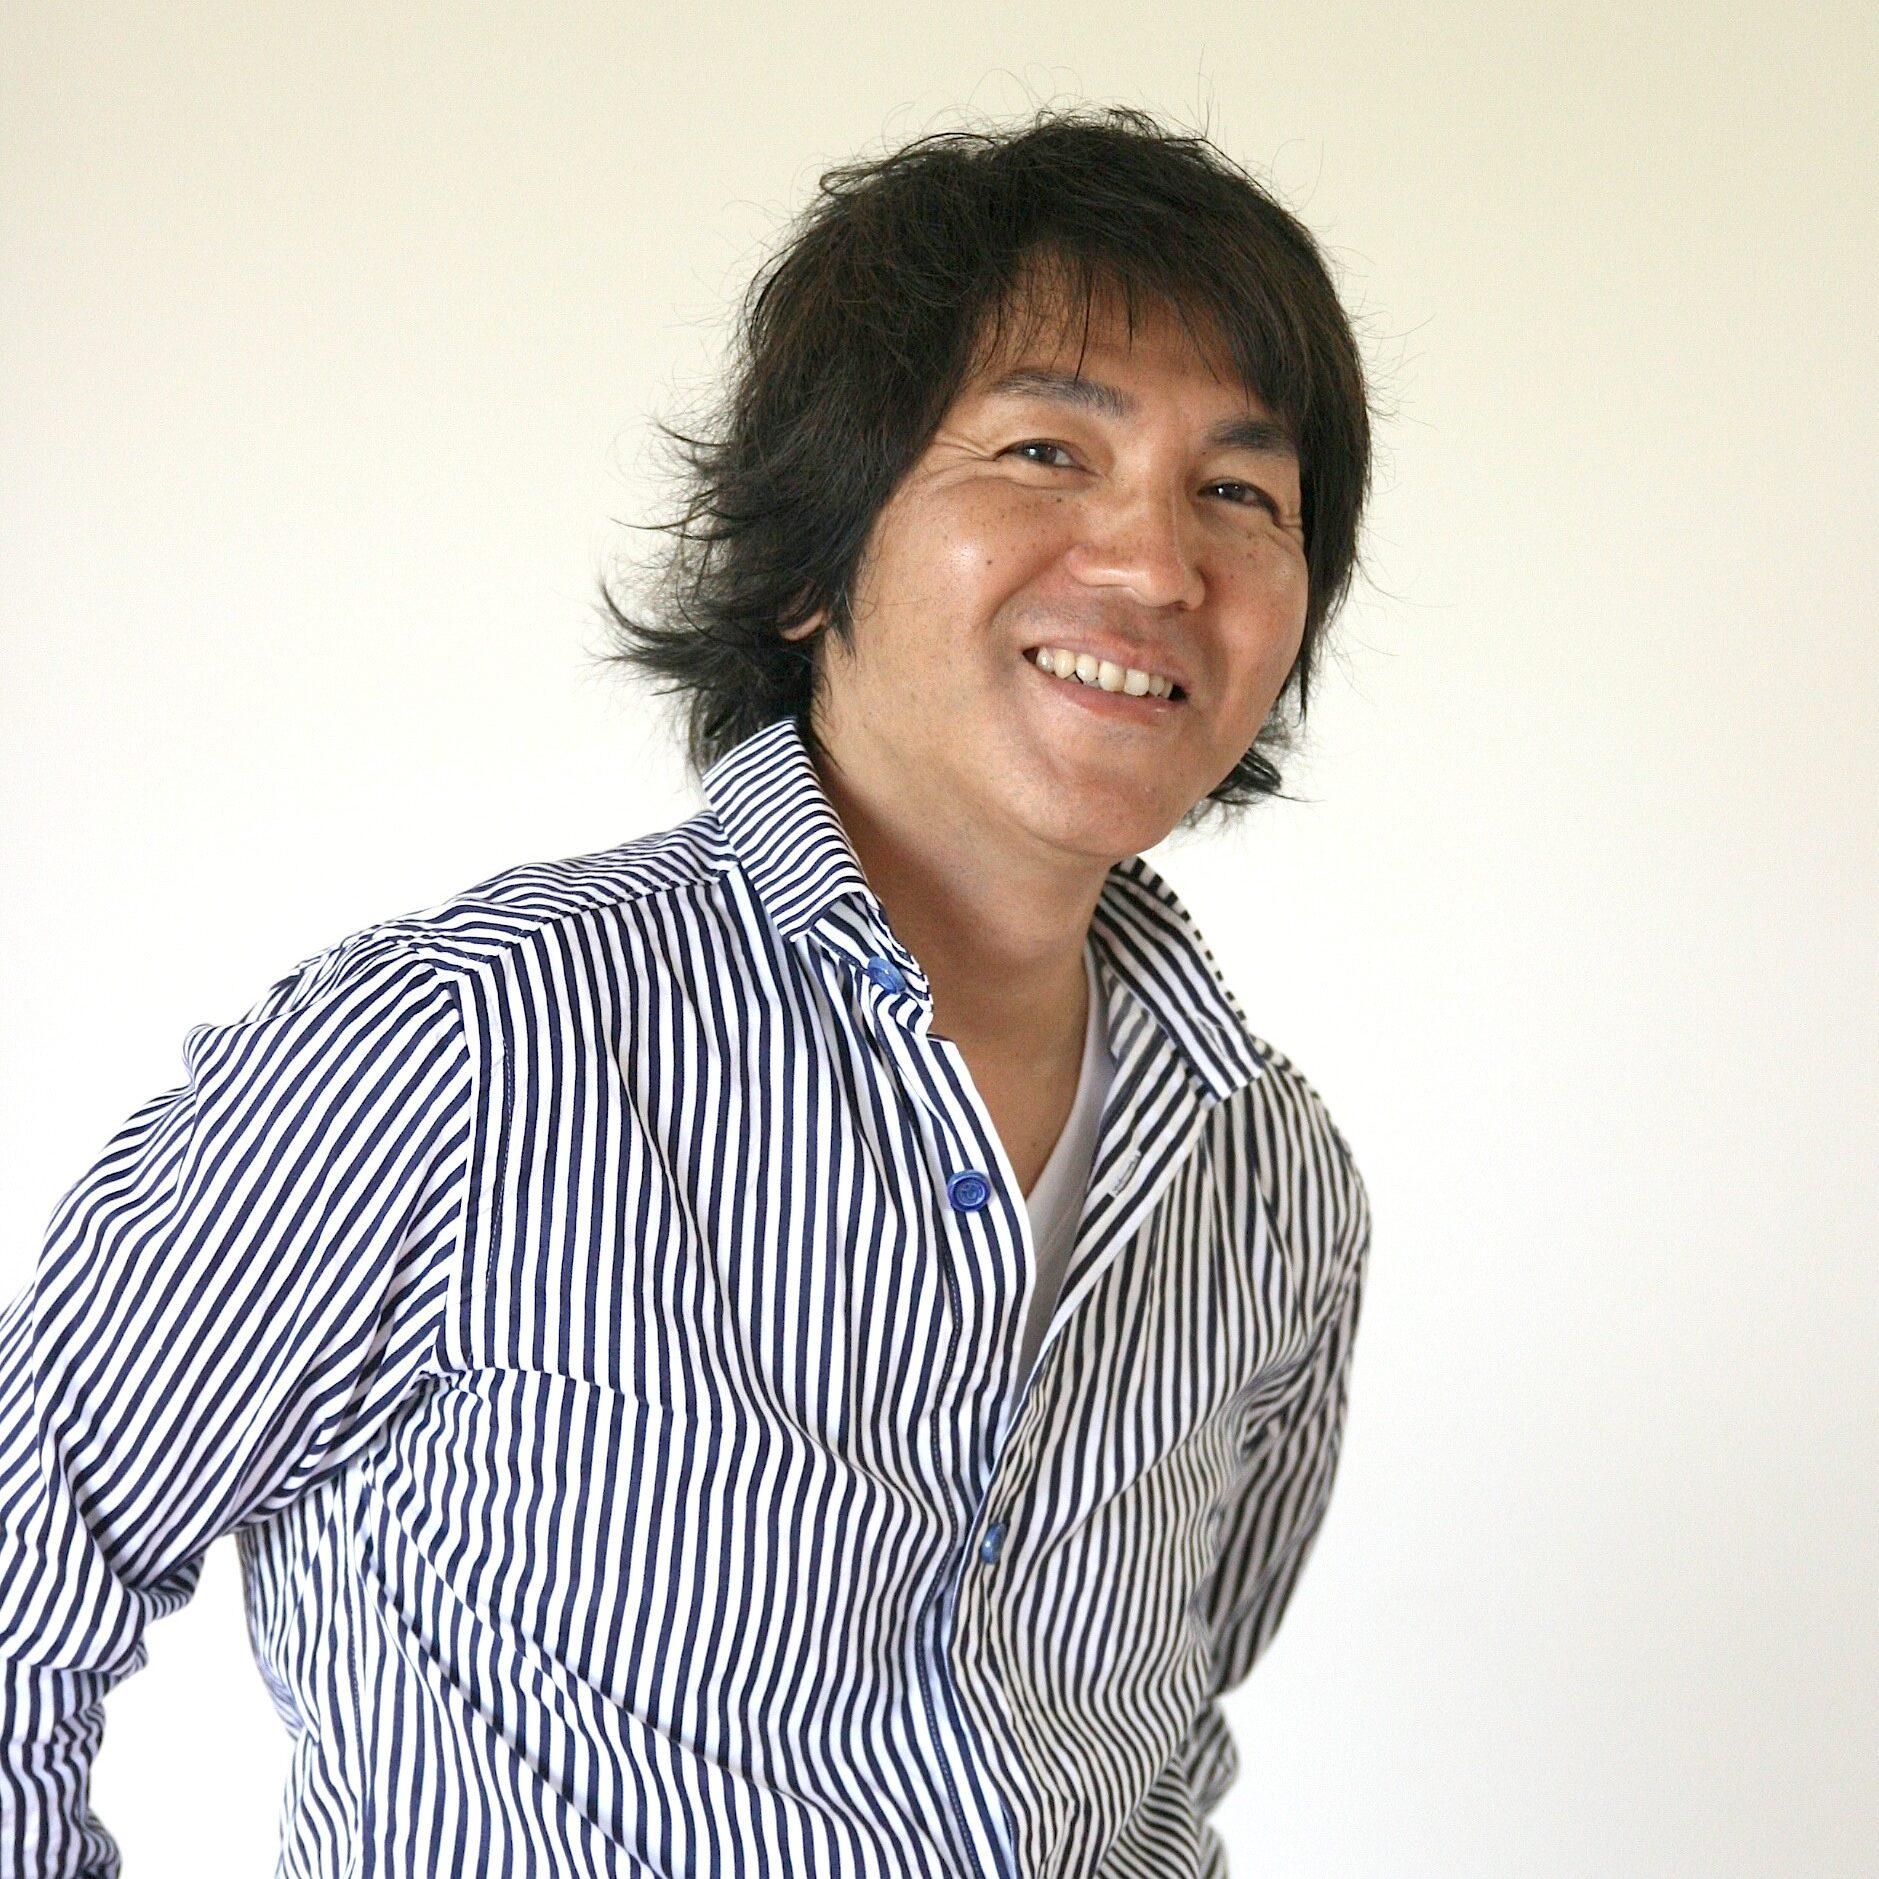 KOSHIRO HATA